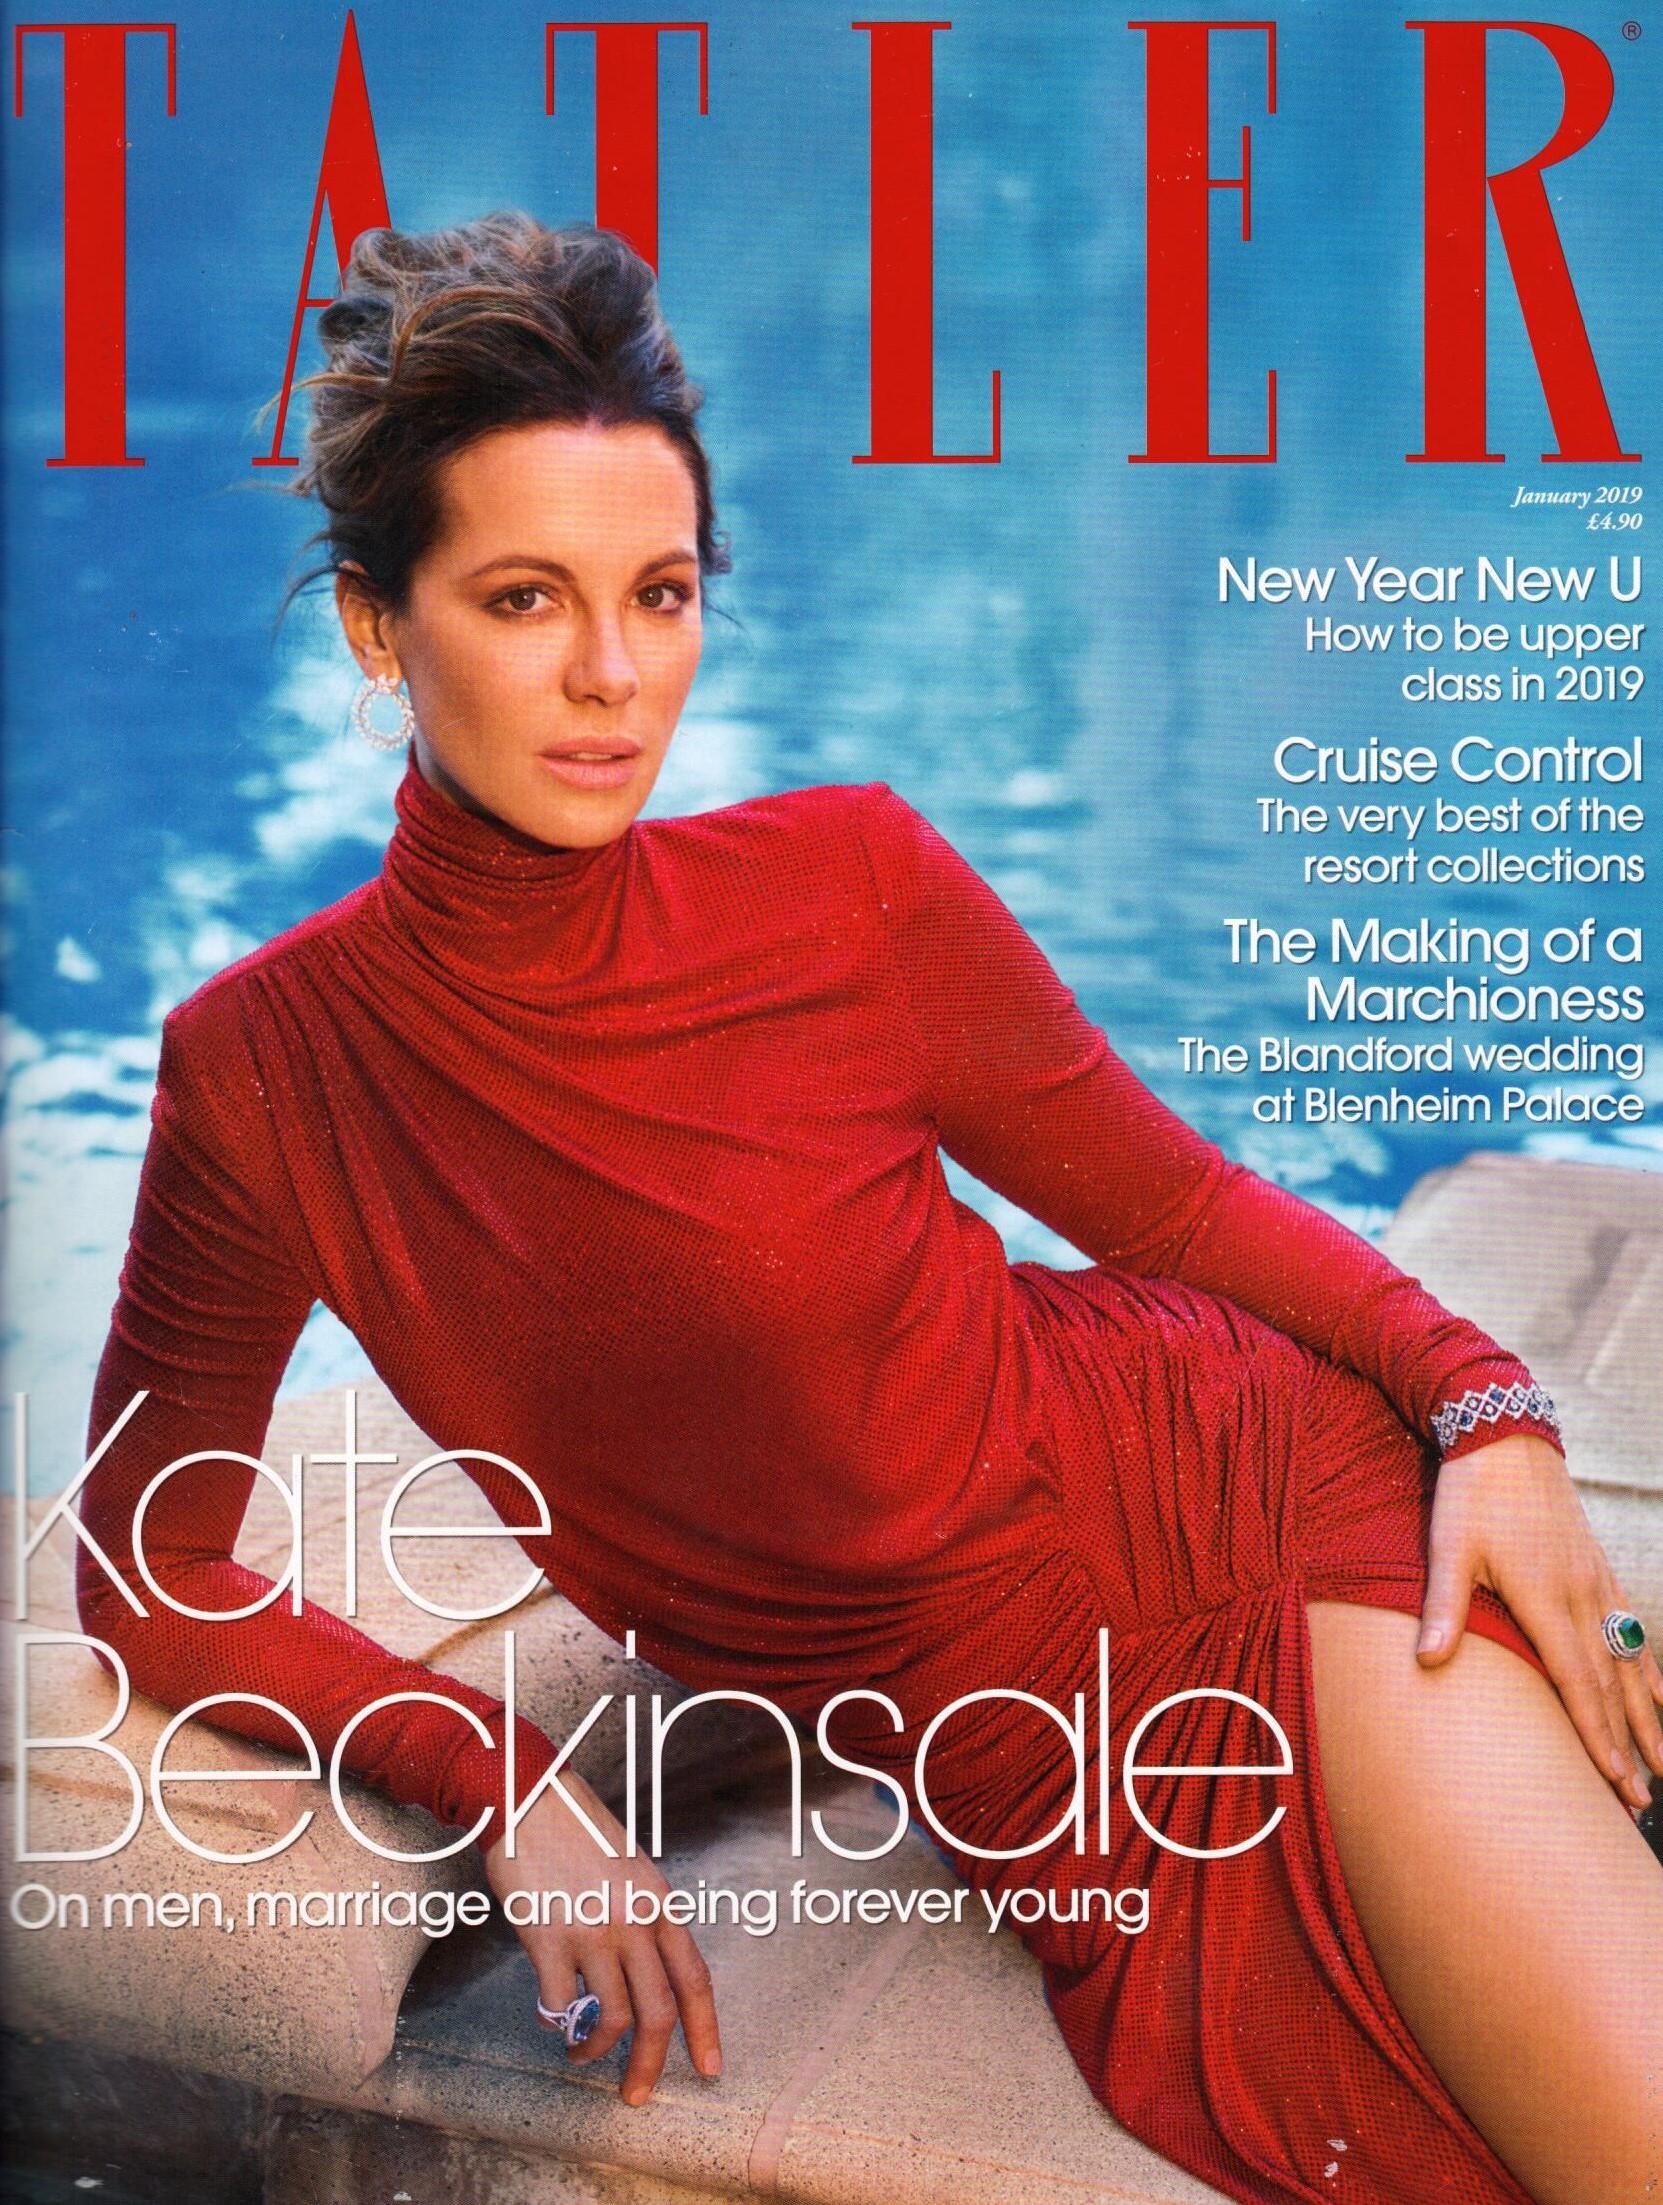 Tatler Jan 19 cover.jpg